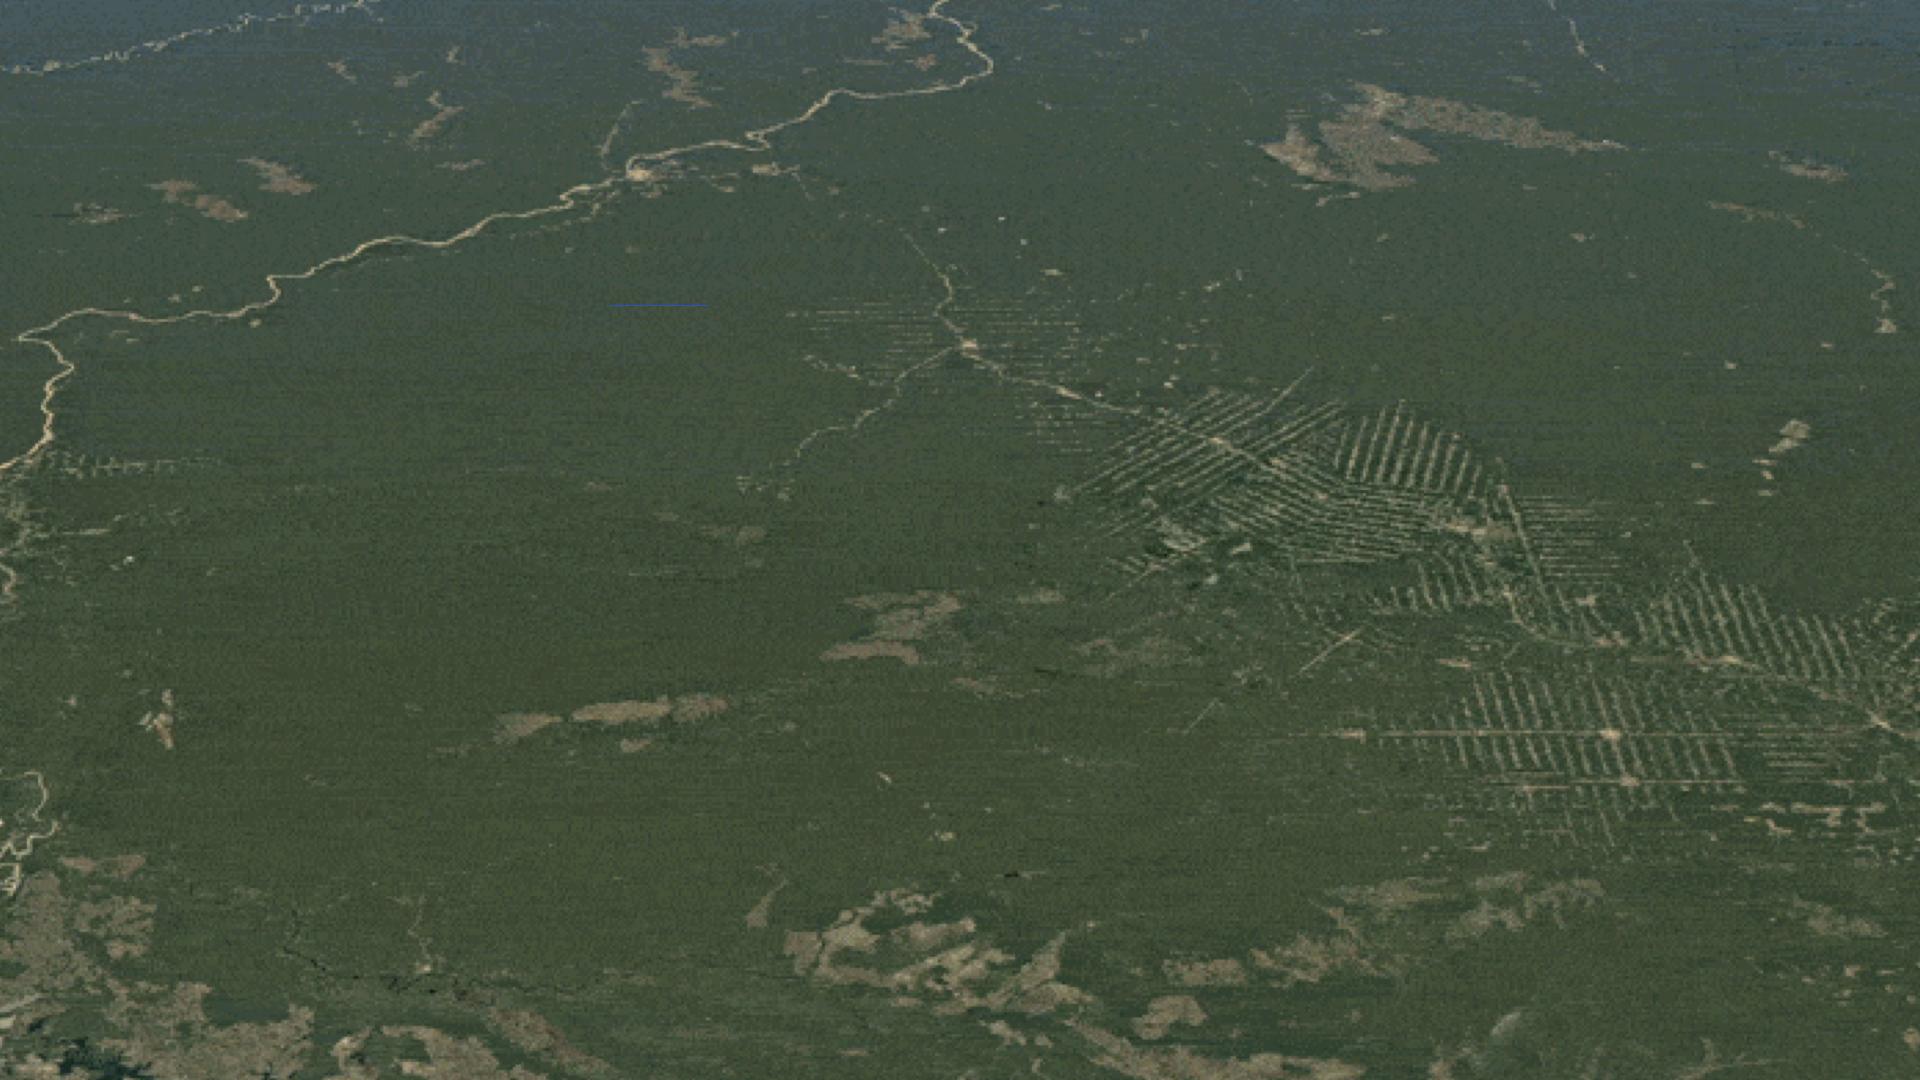 Observez la différence que le peuple Suruí a faite en protégeant la forêt amazonienne qu'il considère comme leur terre à Rondônia, Brésil © Google Earth